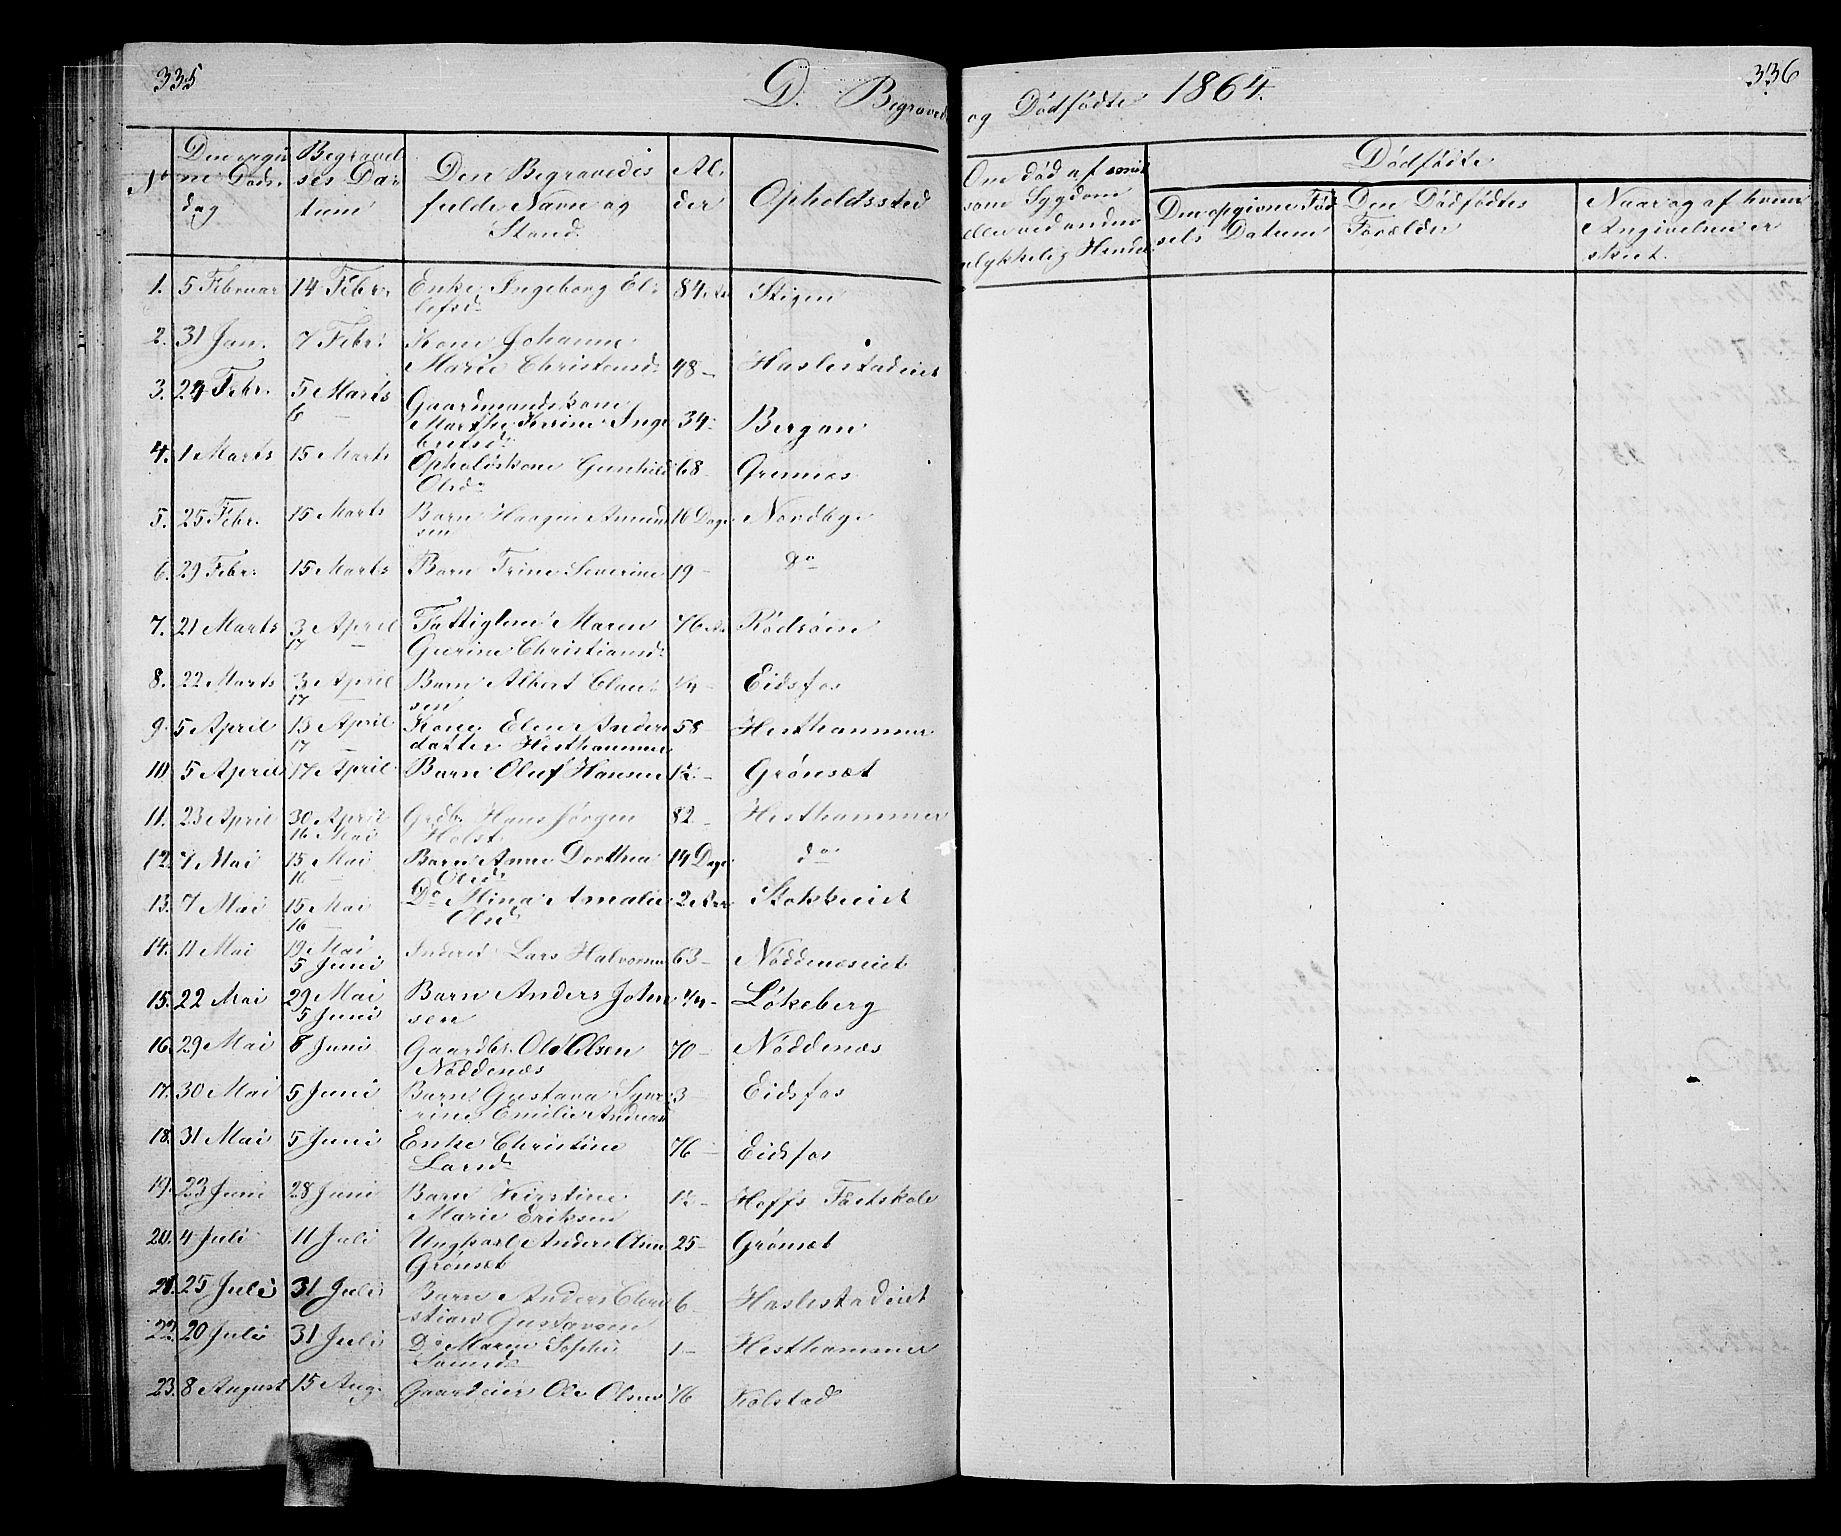 SAKO, Hof kirkebøker, G/Ga/L0002: Klokkerbok nr. I 2, 1859-1873, s. 335-336